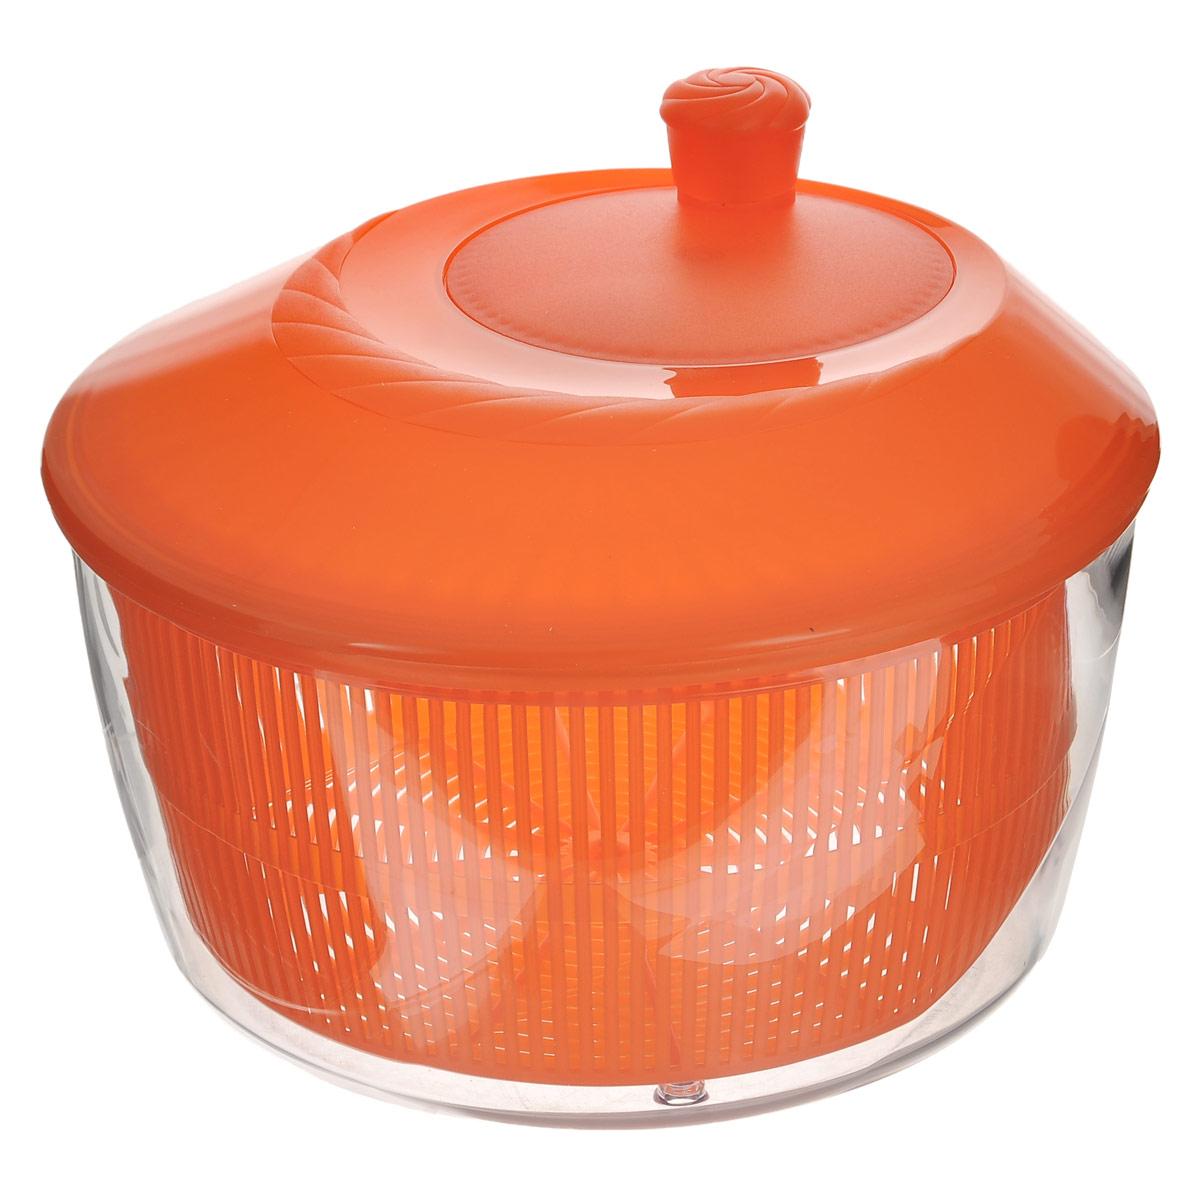 Сушилка для зелени Cosmoplast, цвет: оранжевый, 4,2 л2519_оранжевыйСушилка для зелени Cosmoplast, выполненная из пищевого пластика, состоит из прозрачной емкости, сита и крышки с кнопкой. С ее помощью можно просушивать зелень, салаты и многое другое. Вращением ручки на крышке приводится в действие вращательный механизм, и лишняя влага оседает внизу. Сушилка достаточно вместительная, что позволит ваш просушить сразу весь уже нарезанный салат. Сушилка легко моется и разбирается, что гарантирует максимальную гигиену. Эффект антискольжения обеспечивают удобные ножки и ручка вращения. Функциональность, прочность и универсальность сделают такую сушилку незаменимым аксессуаром для приготовления ваших любимых блюд. Объем: 4,2 л. Диаметр (по верхнему краю): 26 см. Высота (без учета крышки): 13 см. Высота (с учетом крышки): 18 см.